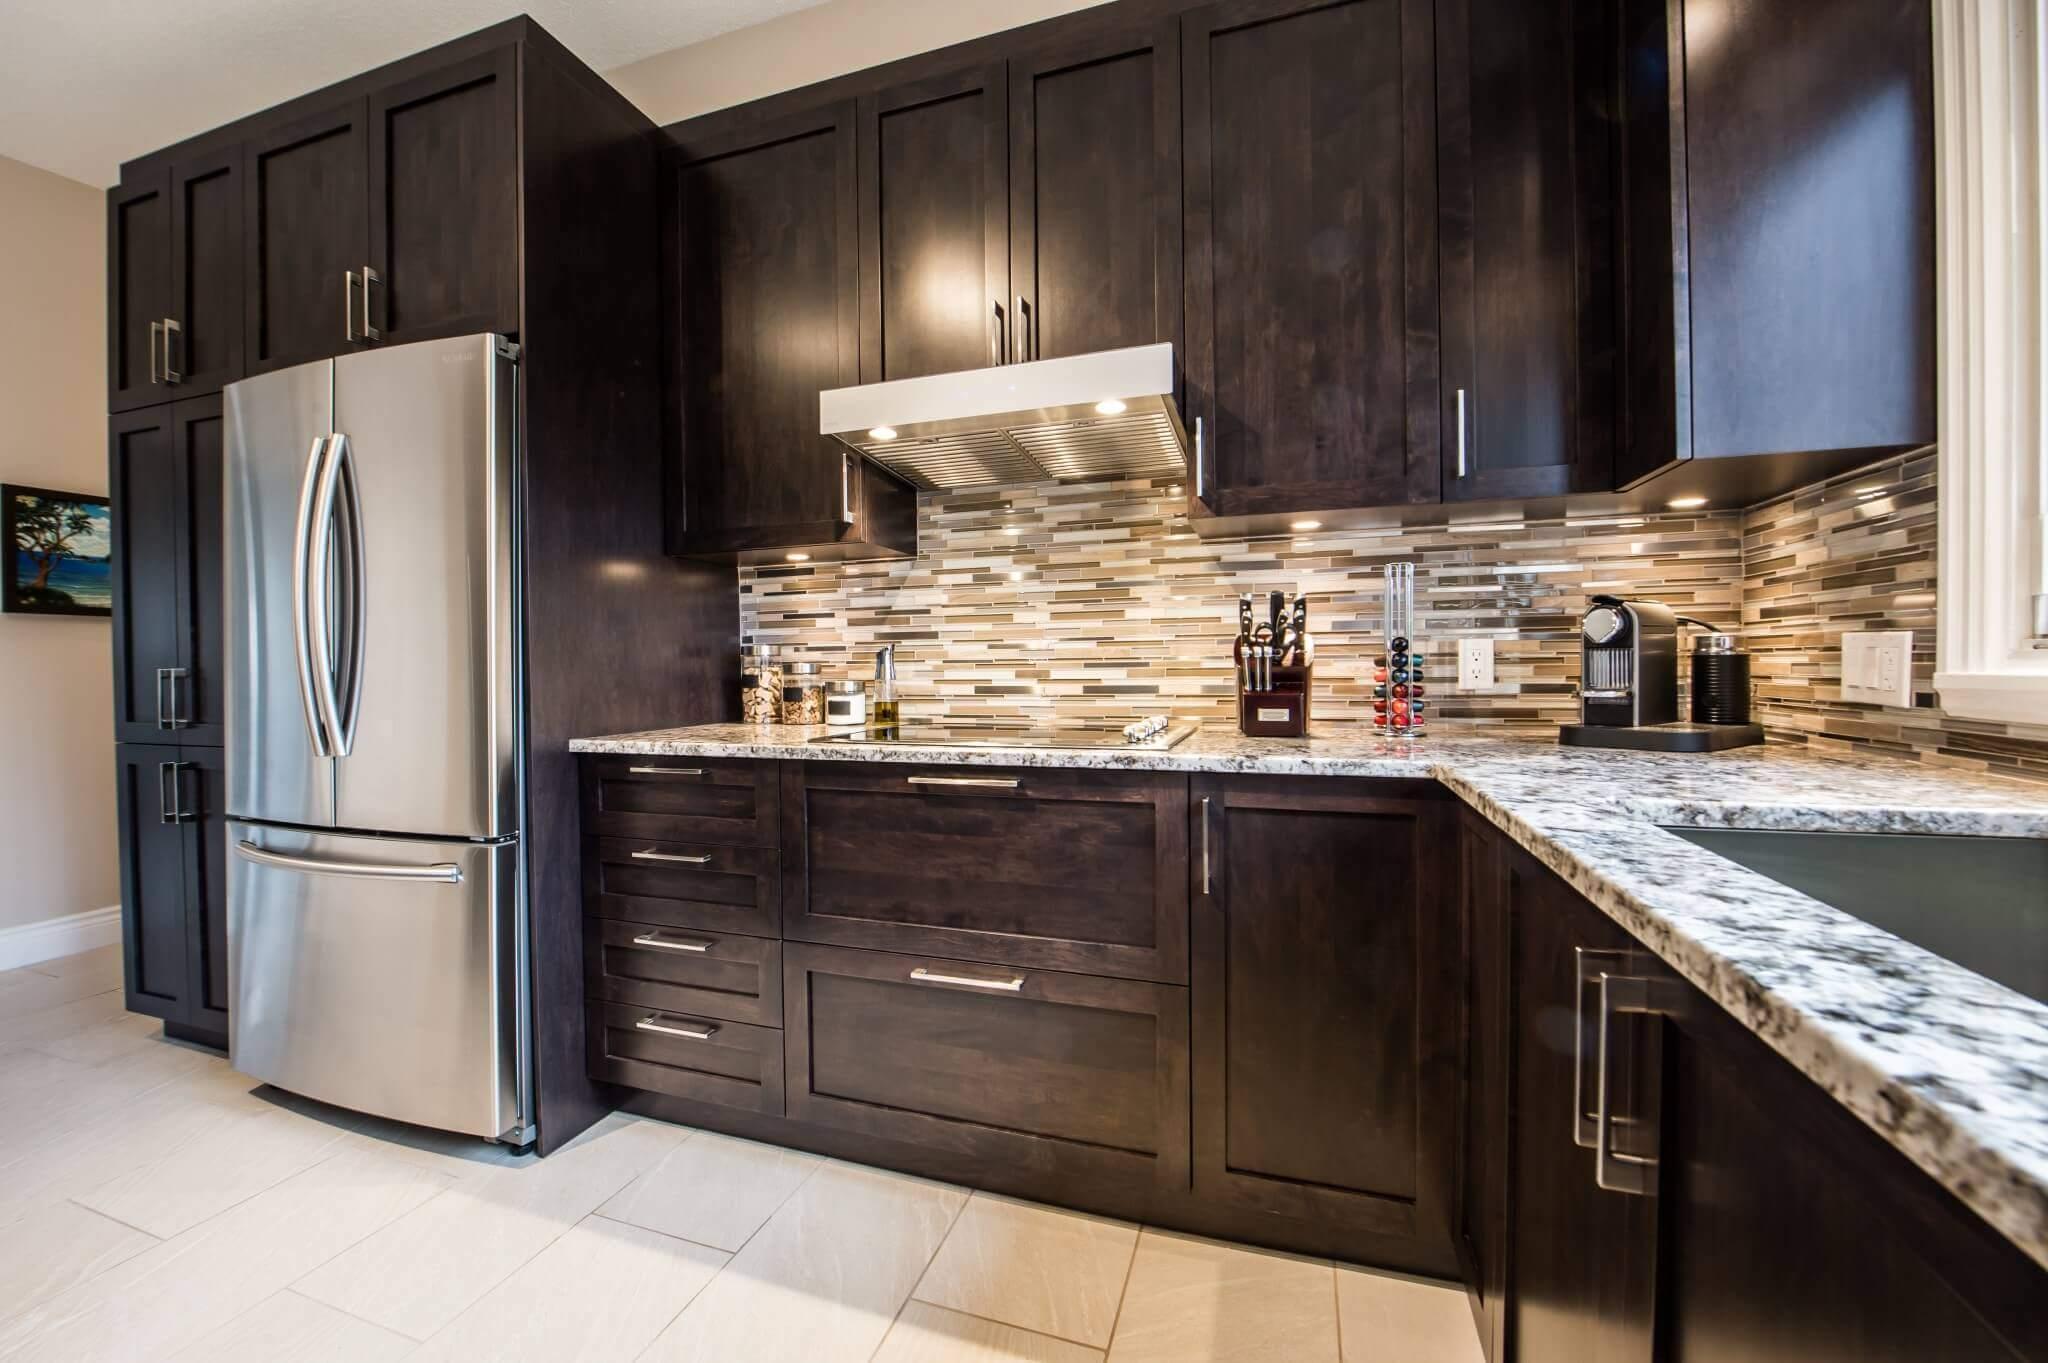 armoires sur mesure de cuisine